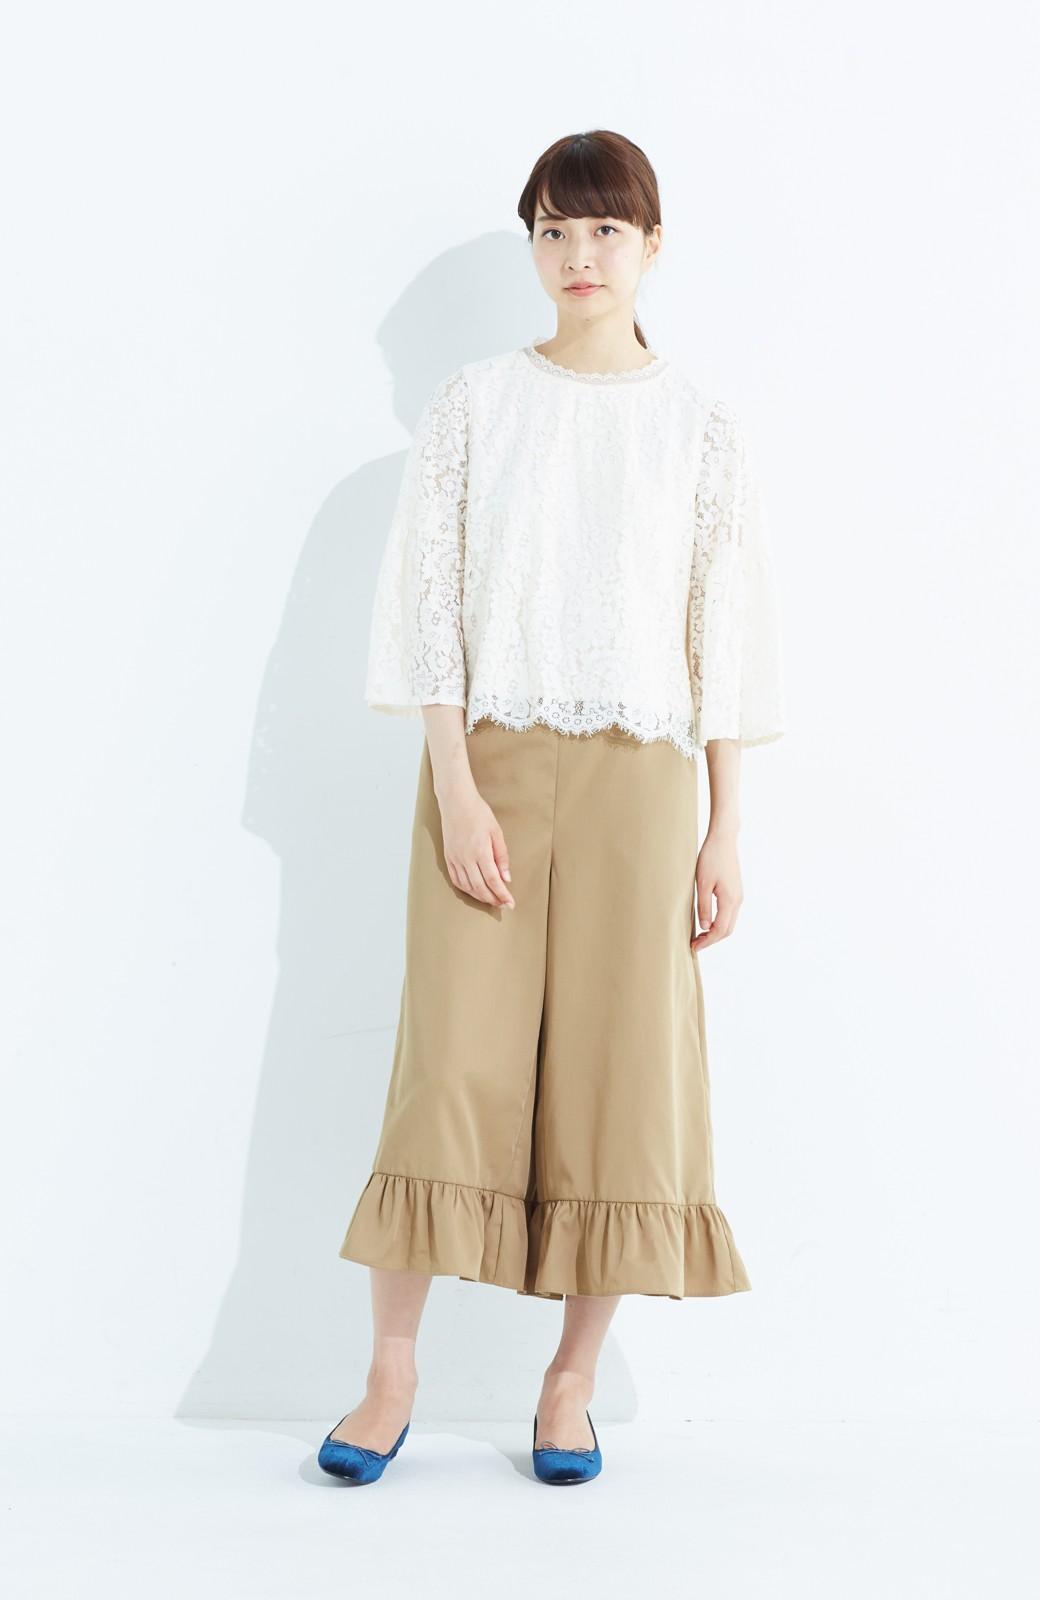 haco! スカート気分で楽しめる 華やかフレアーパンツ <ベージュ>の商品写真7